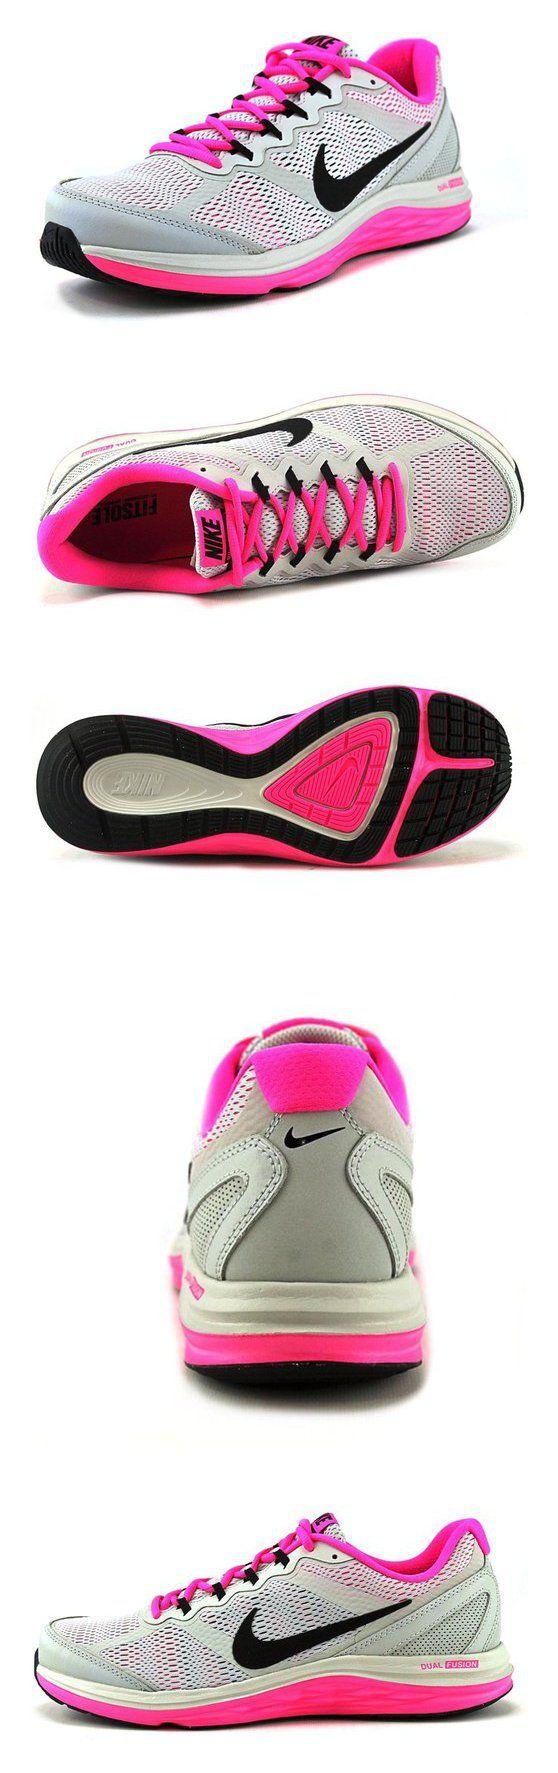 $89 - Women's Nike Dual Fusion Run 3 Running Shoe Grey Mist/Pink Pow/Black Size 11 M US #shoes #nike #2013